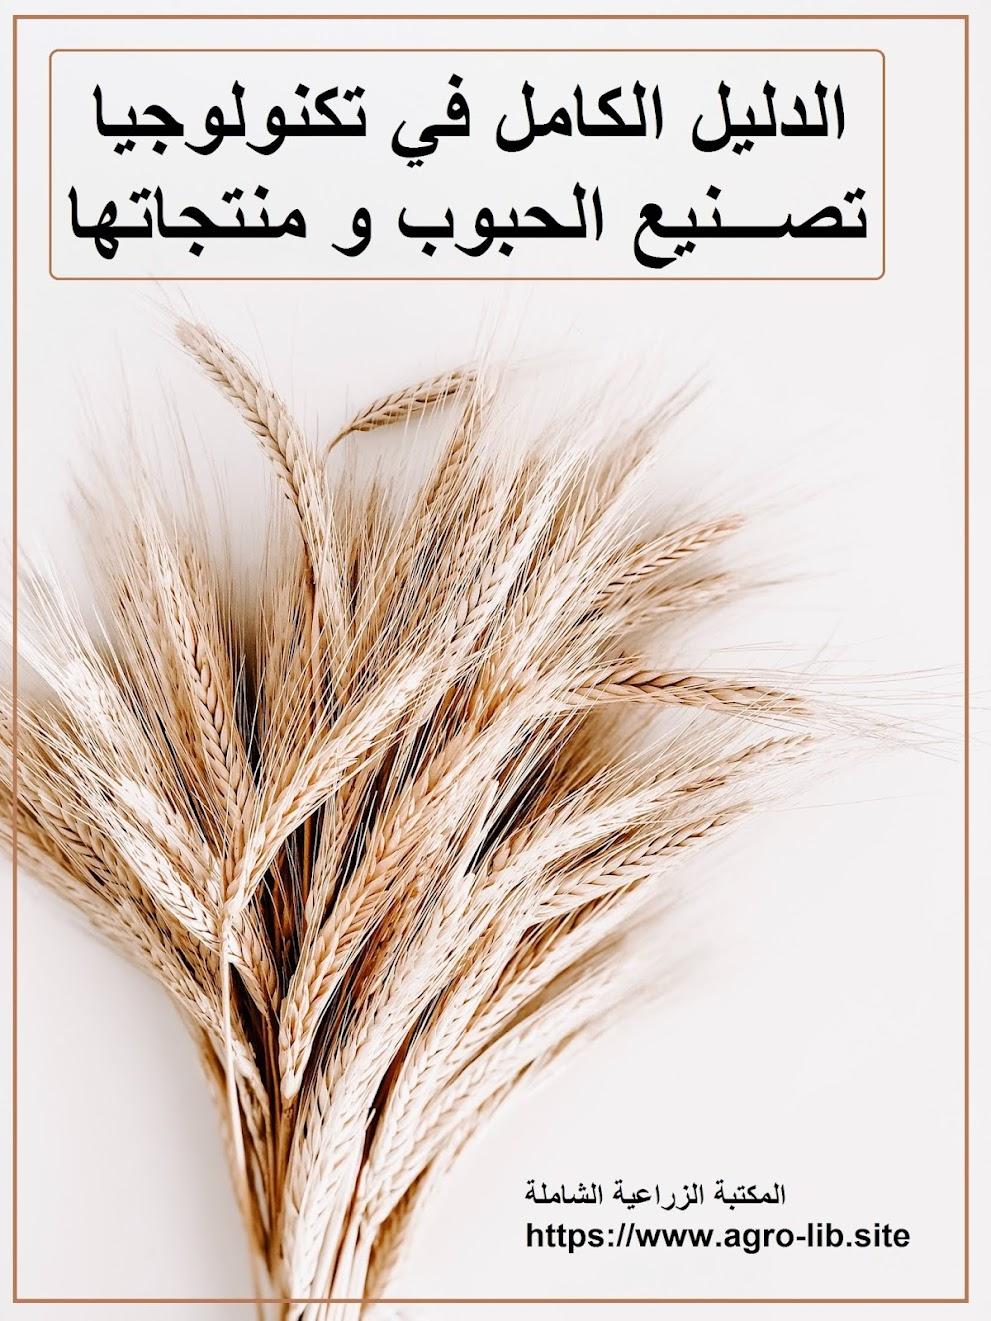 كتاب : الدليل الكامل في تكنولوجيا تصنيع الحبوب و منتجاتها